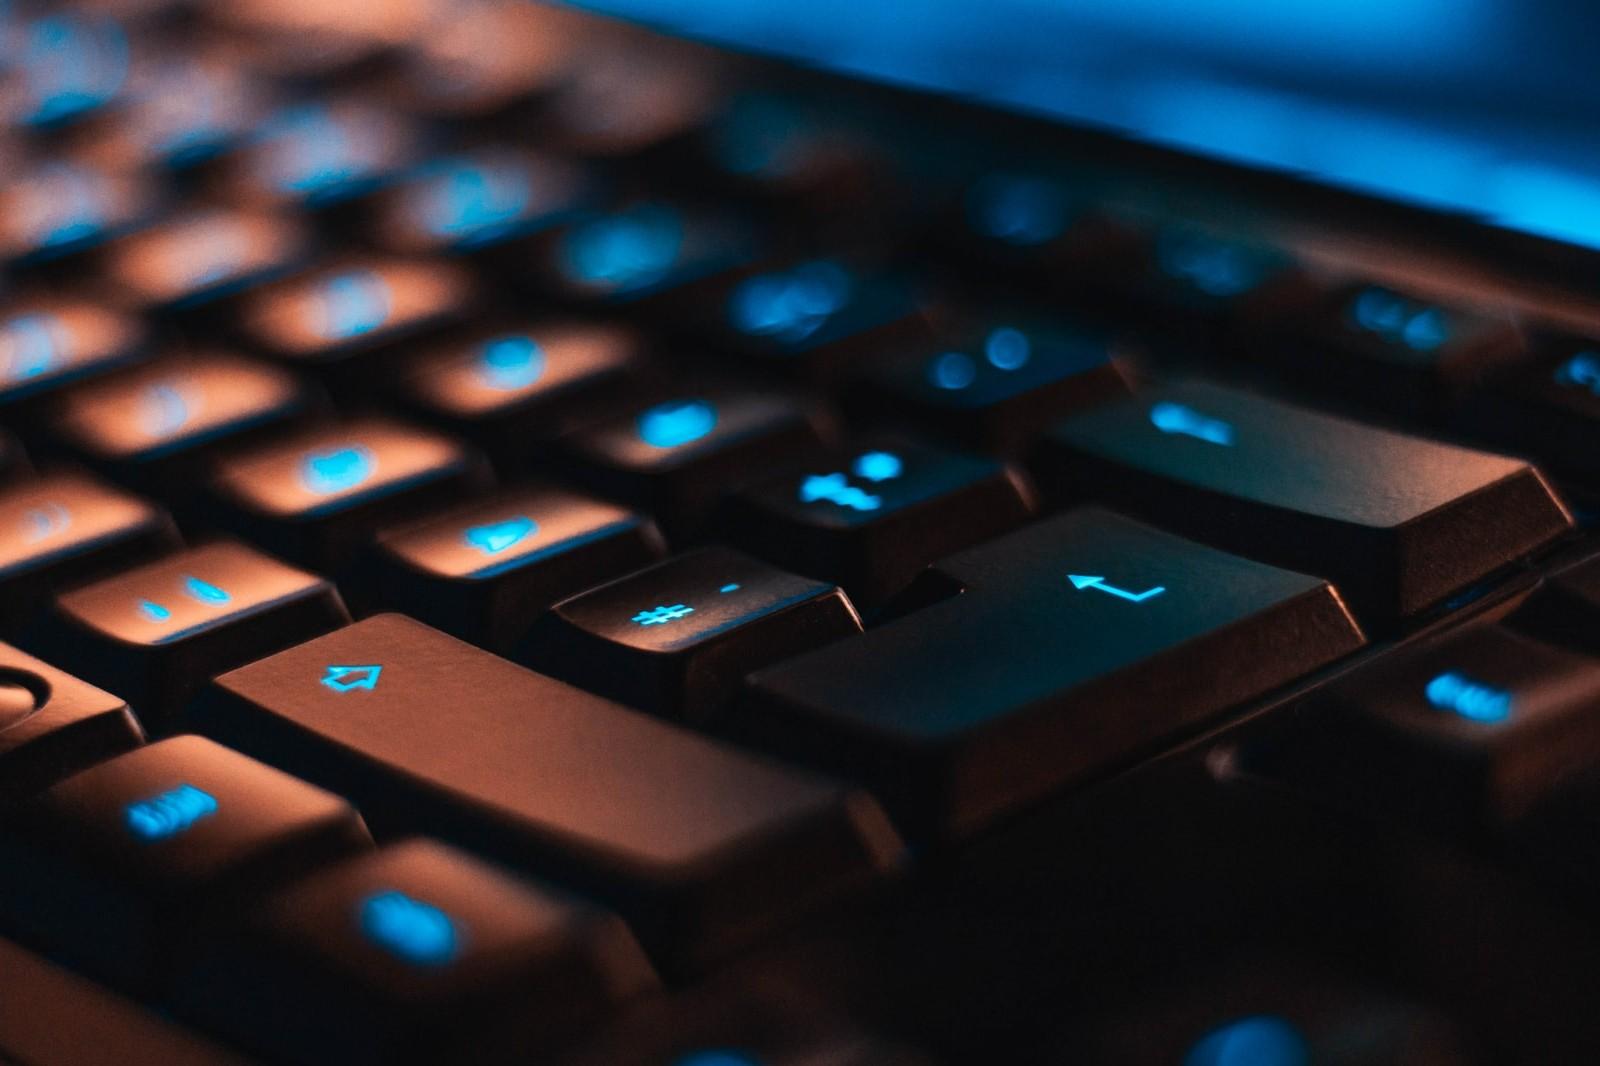 ergonomische tastatur mit integrierter maus